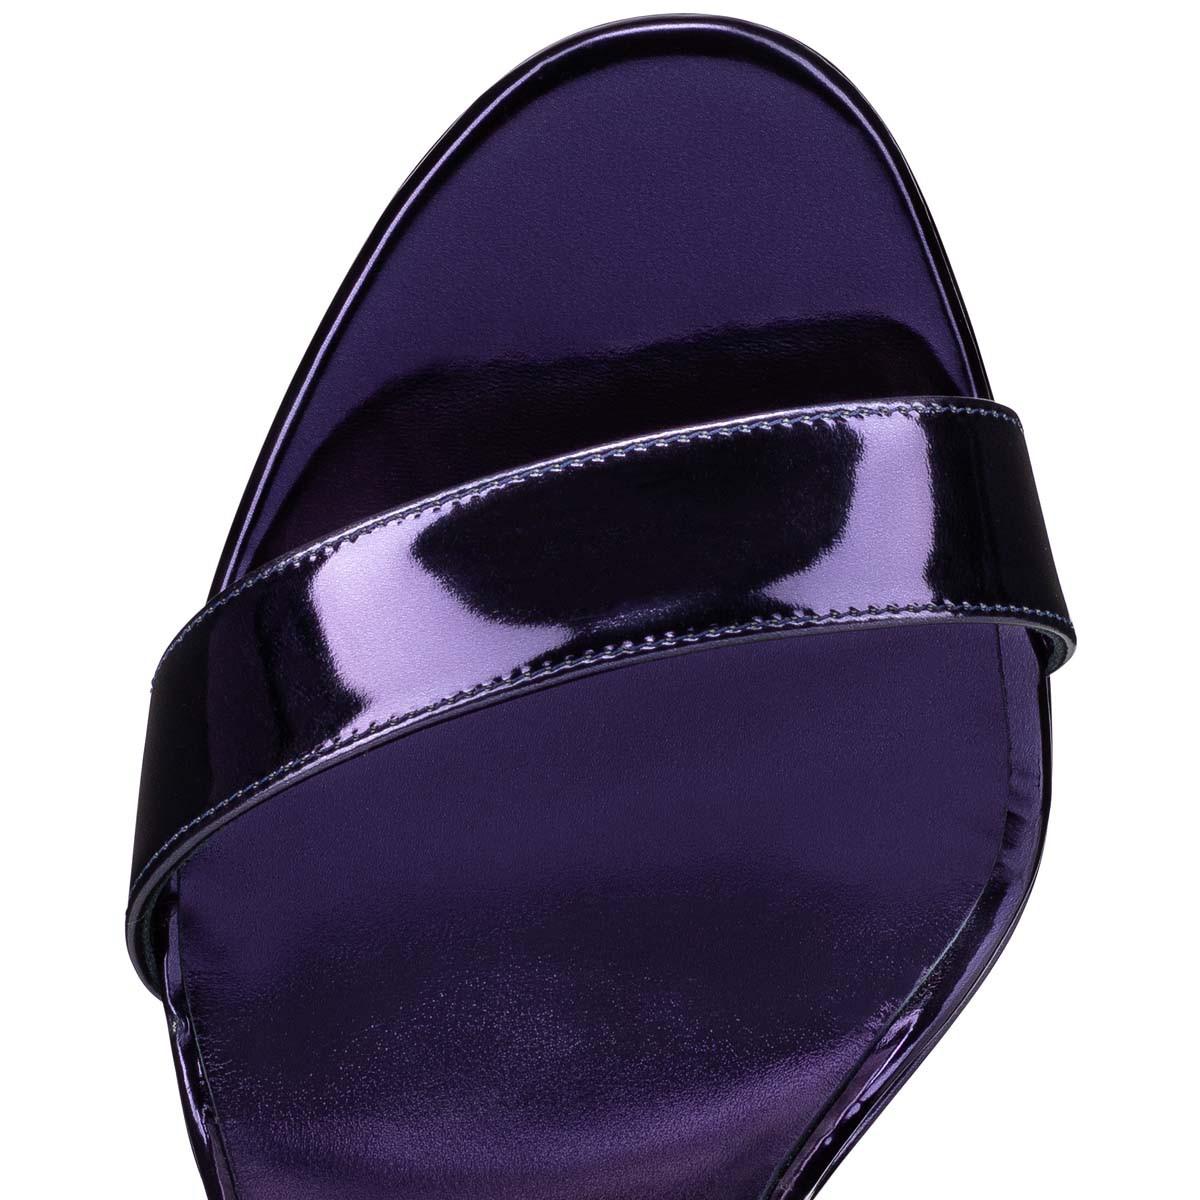 Shoes - Loubi Queen - Christian Louboutin